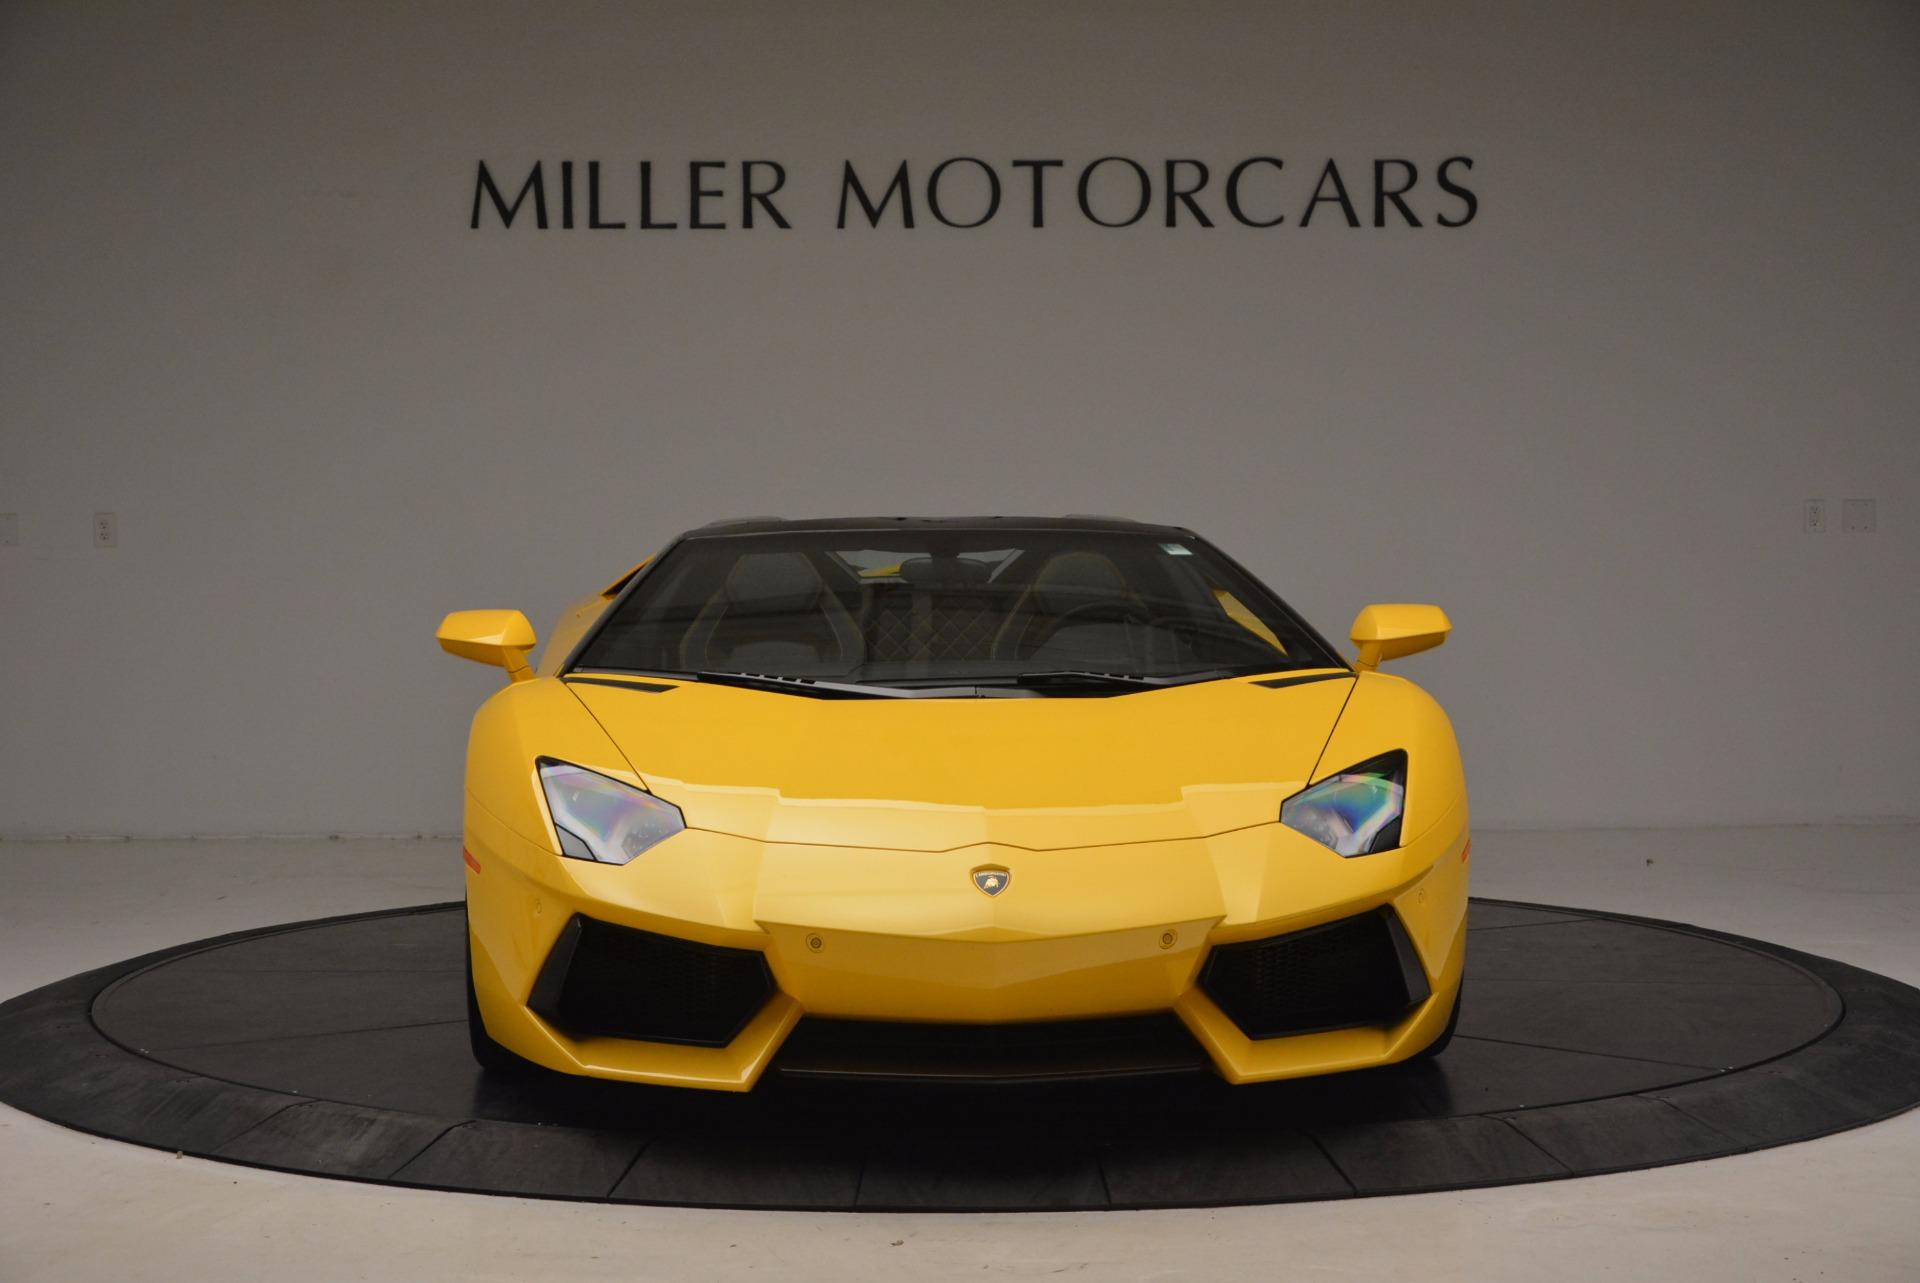 Used 2015 Lamborghini Aventador LP 700-4 Roadster For Sale In Greenwich, CT 1774_p13